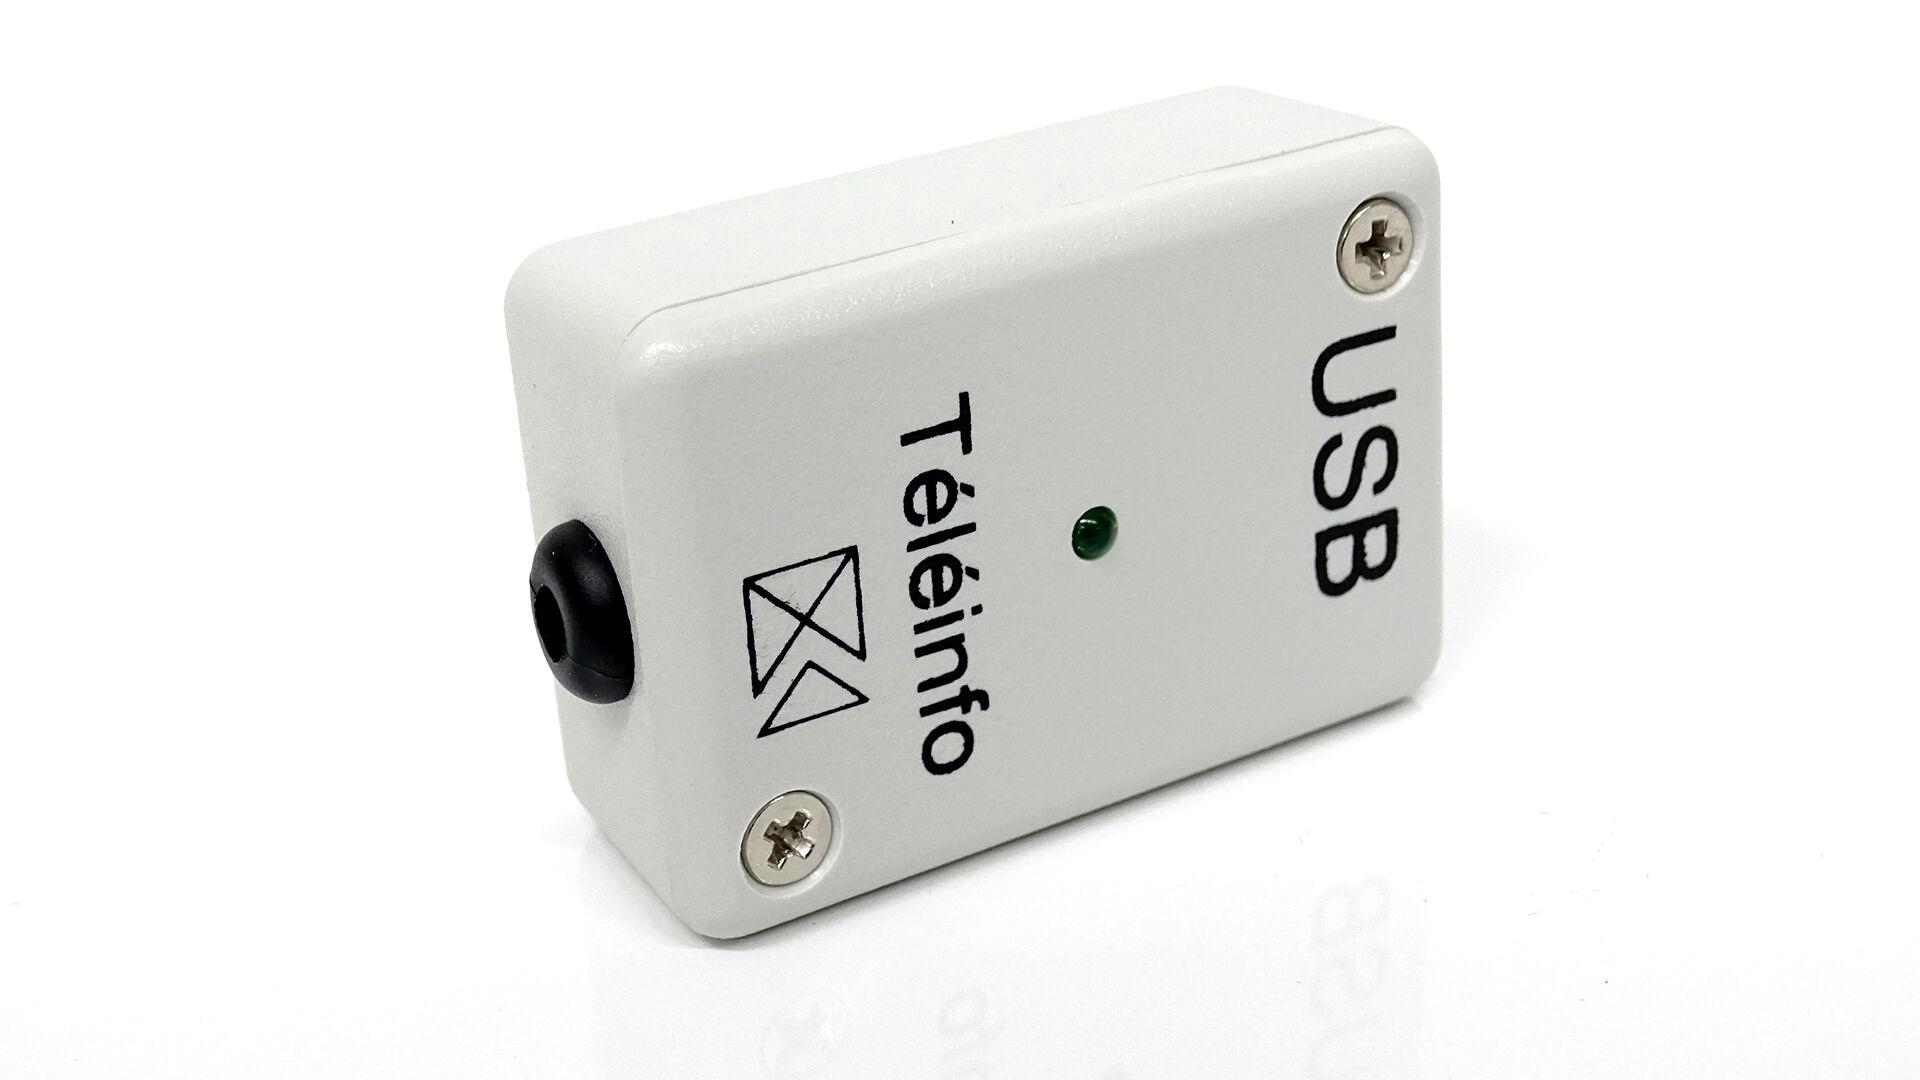 Nouvelle version du modem télé information de Cartelectronic